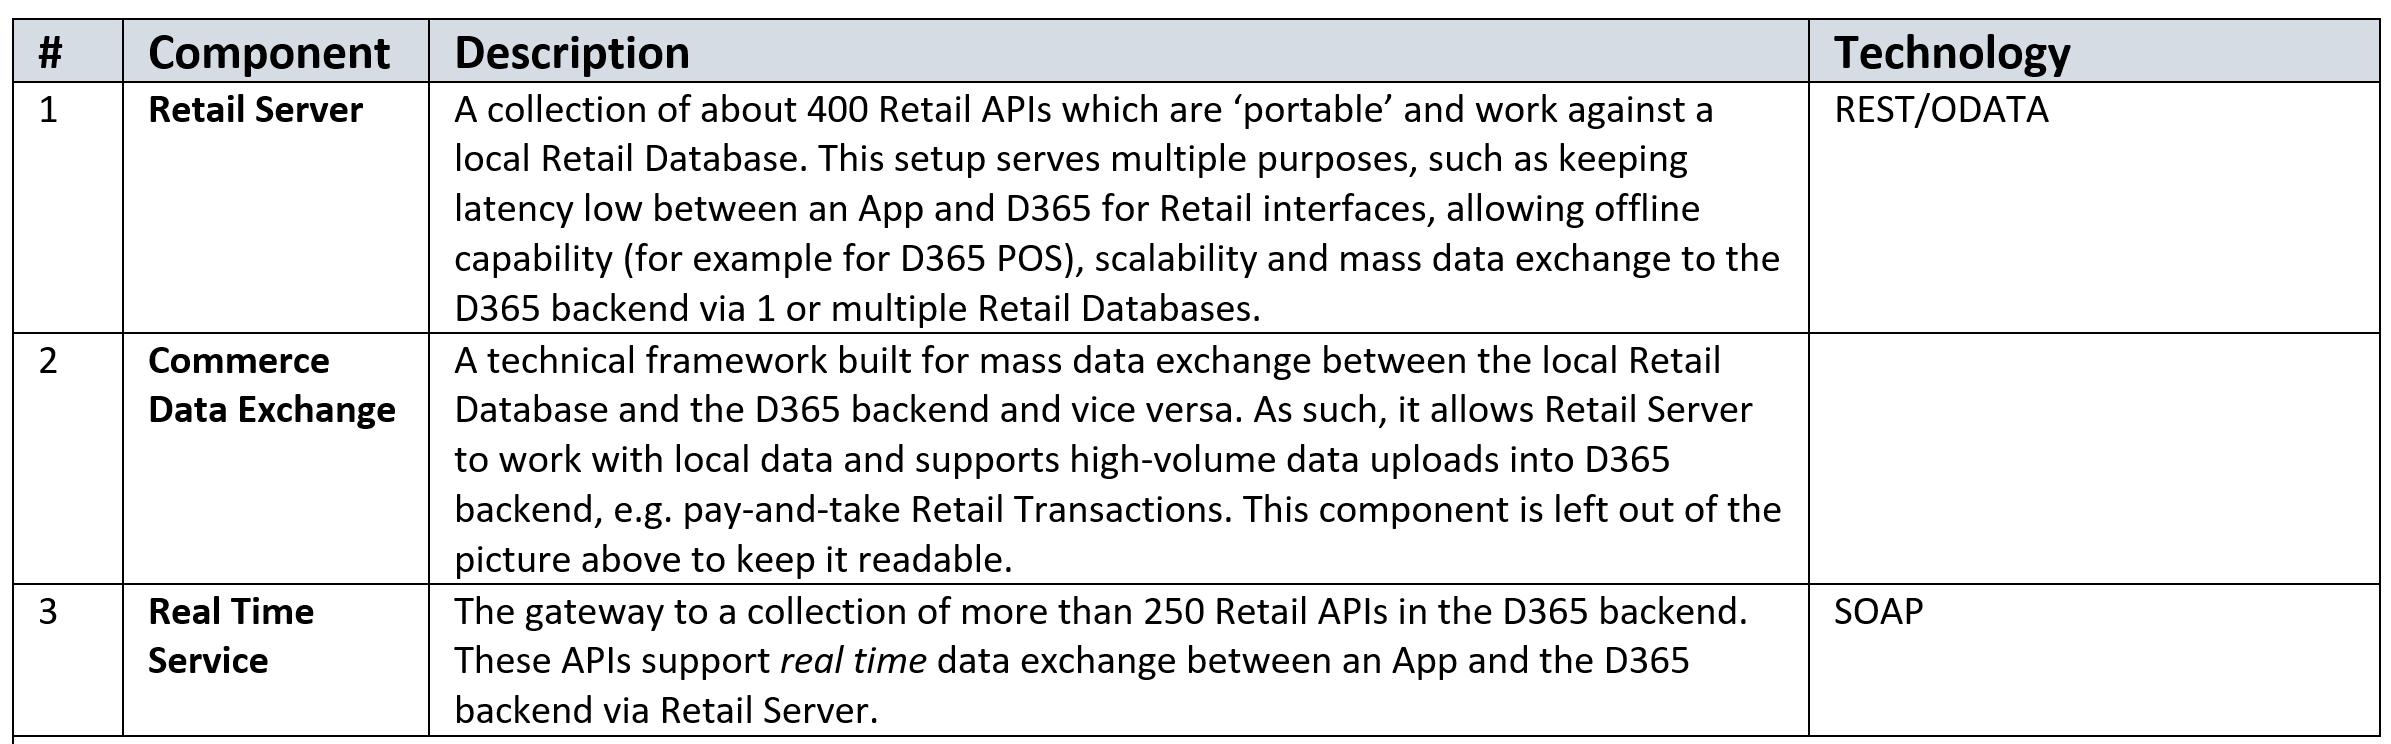 D365 Retail components